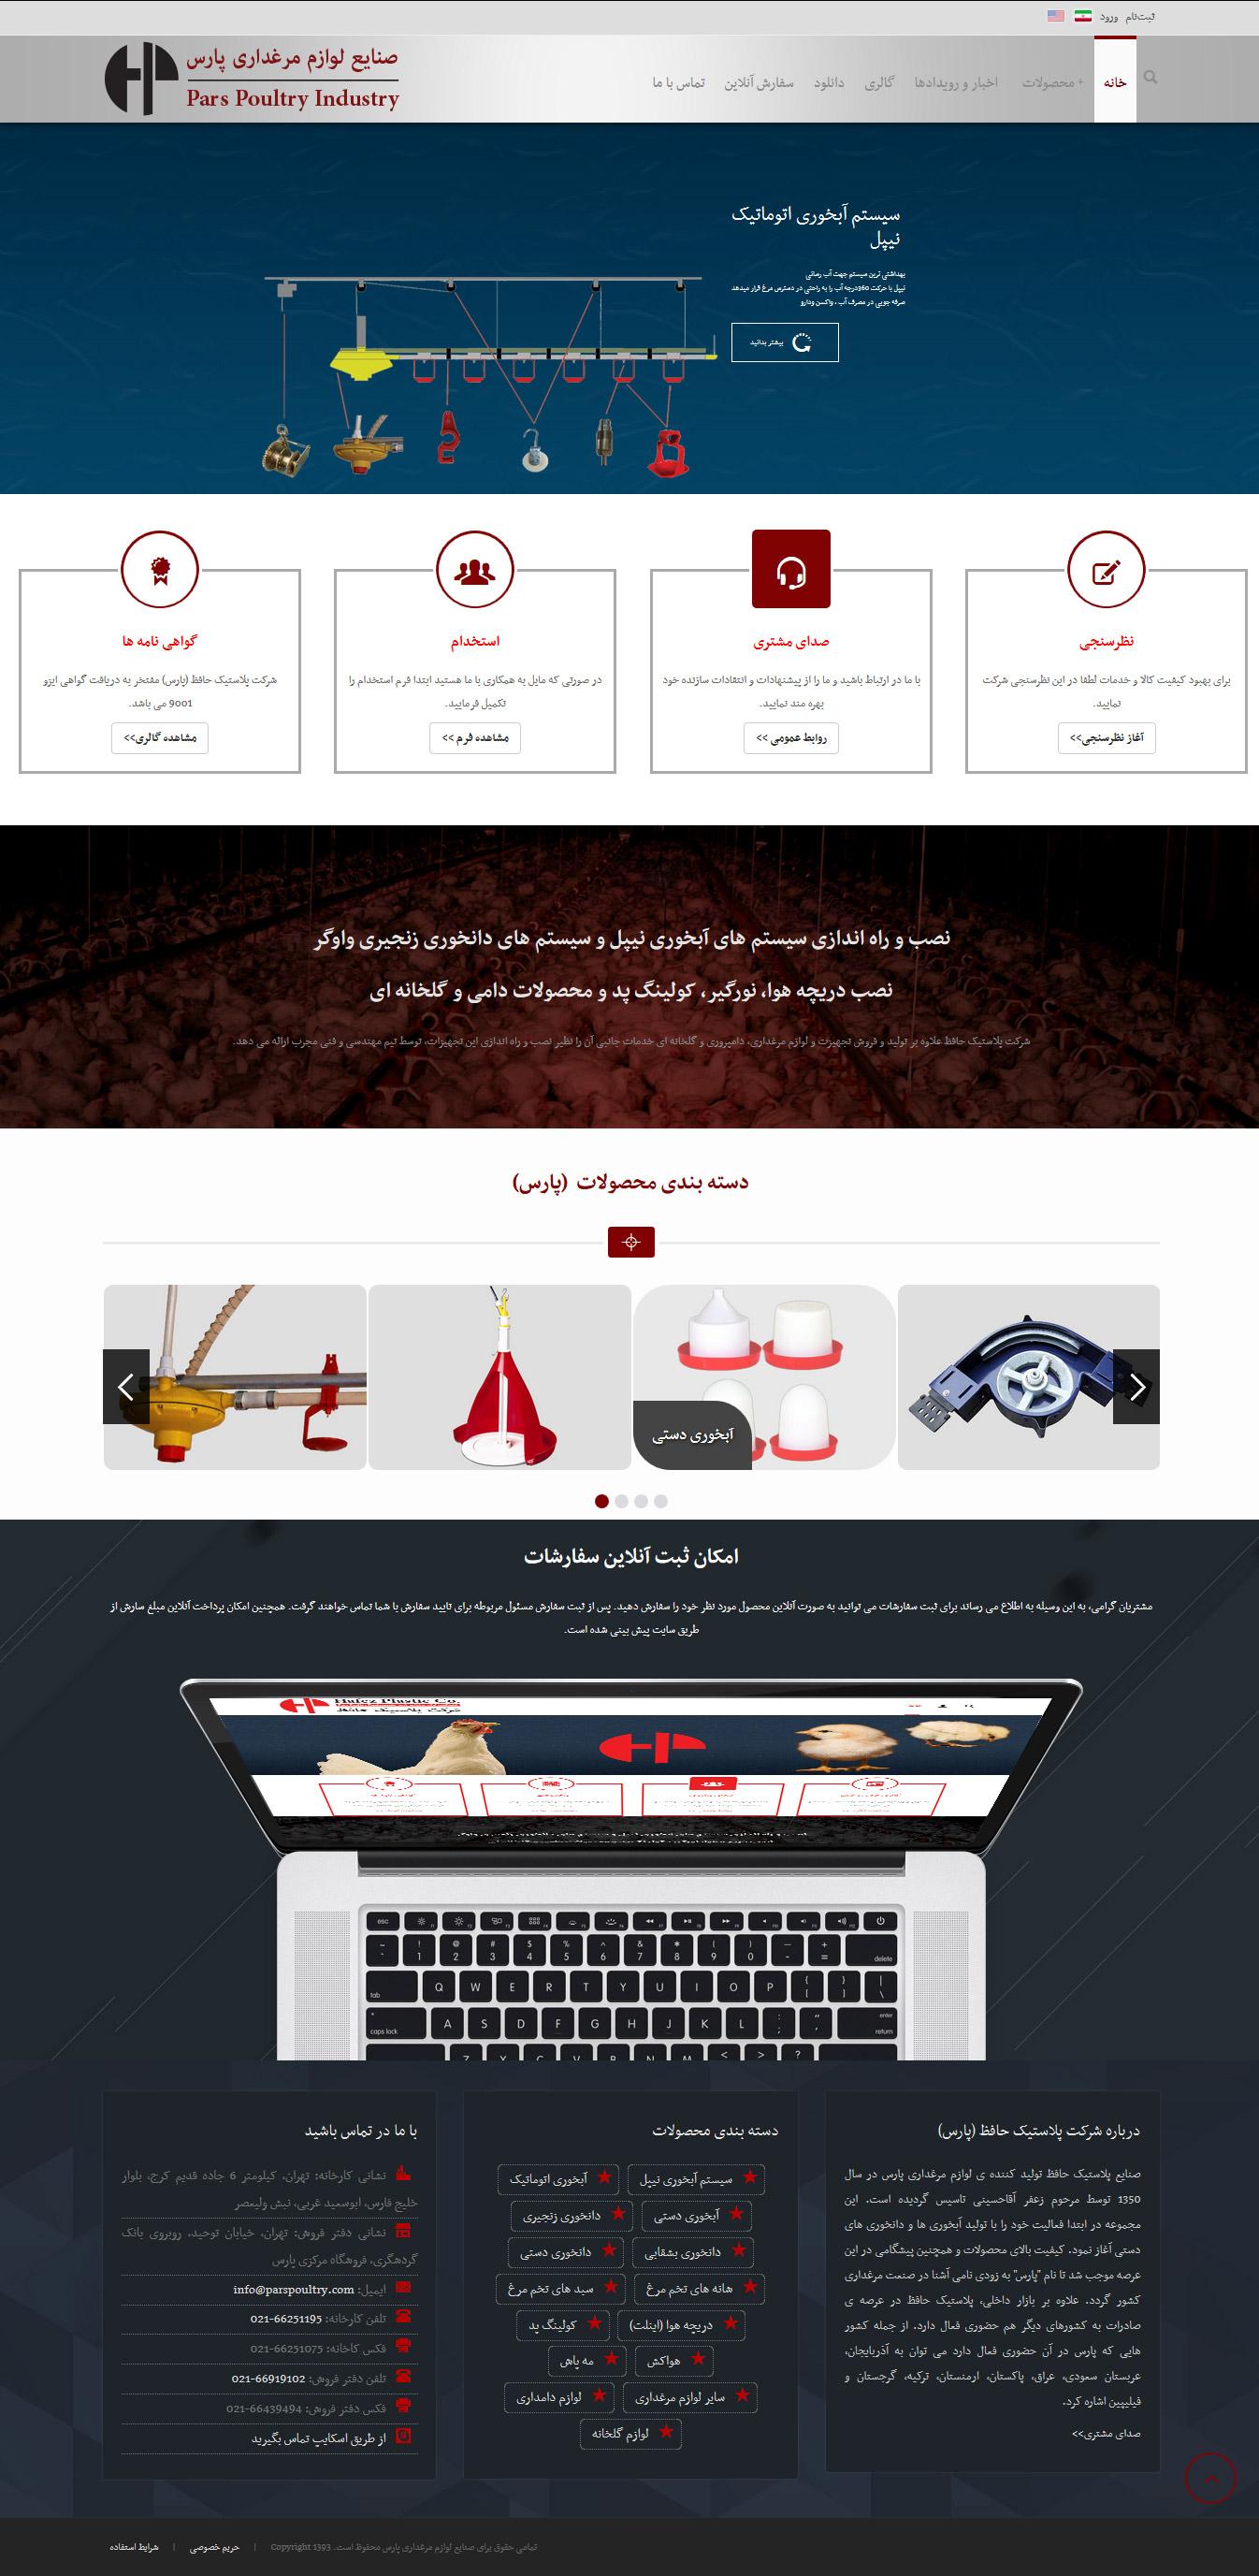 تصویری از صفحه نخست وبسایت کارخانه صنایع مرغداری پارس حافظ